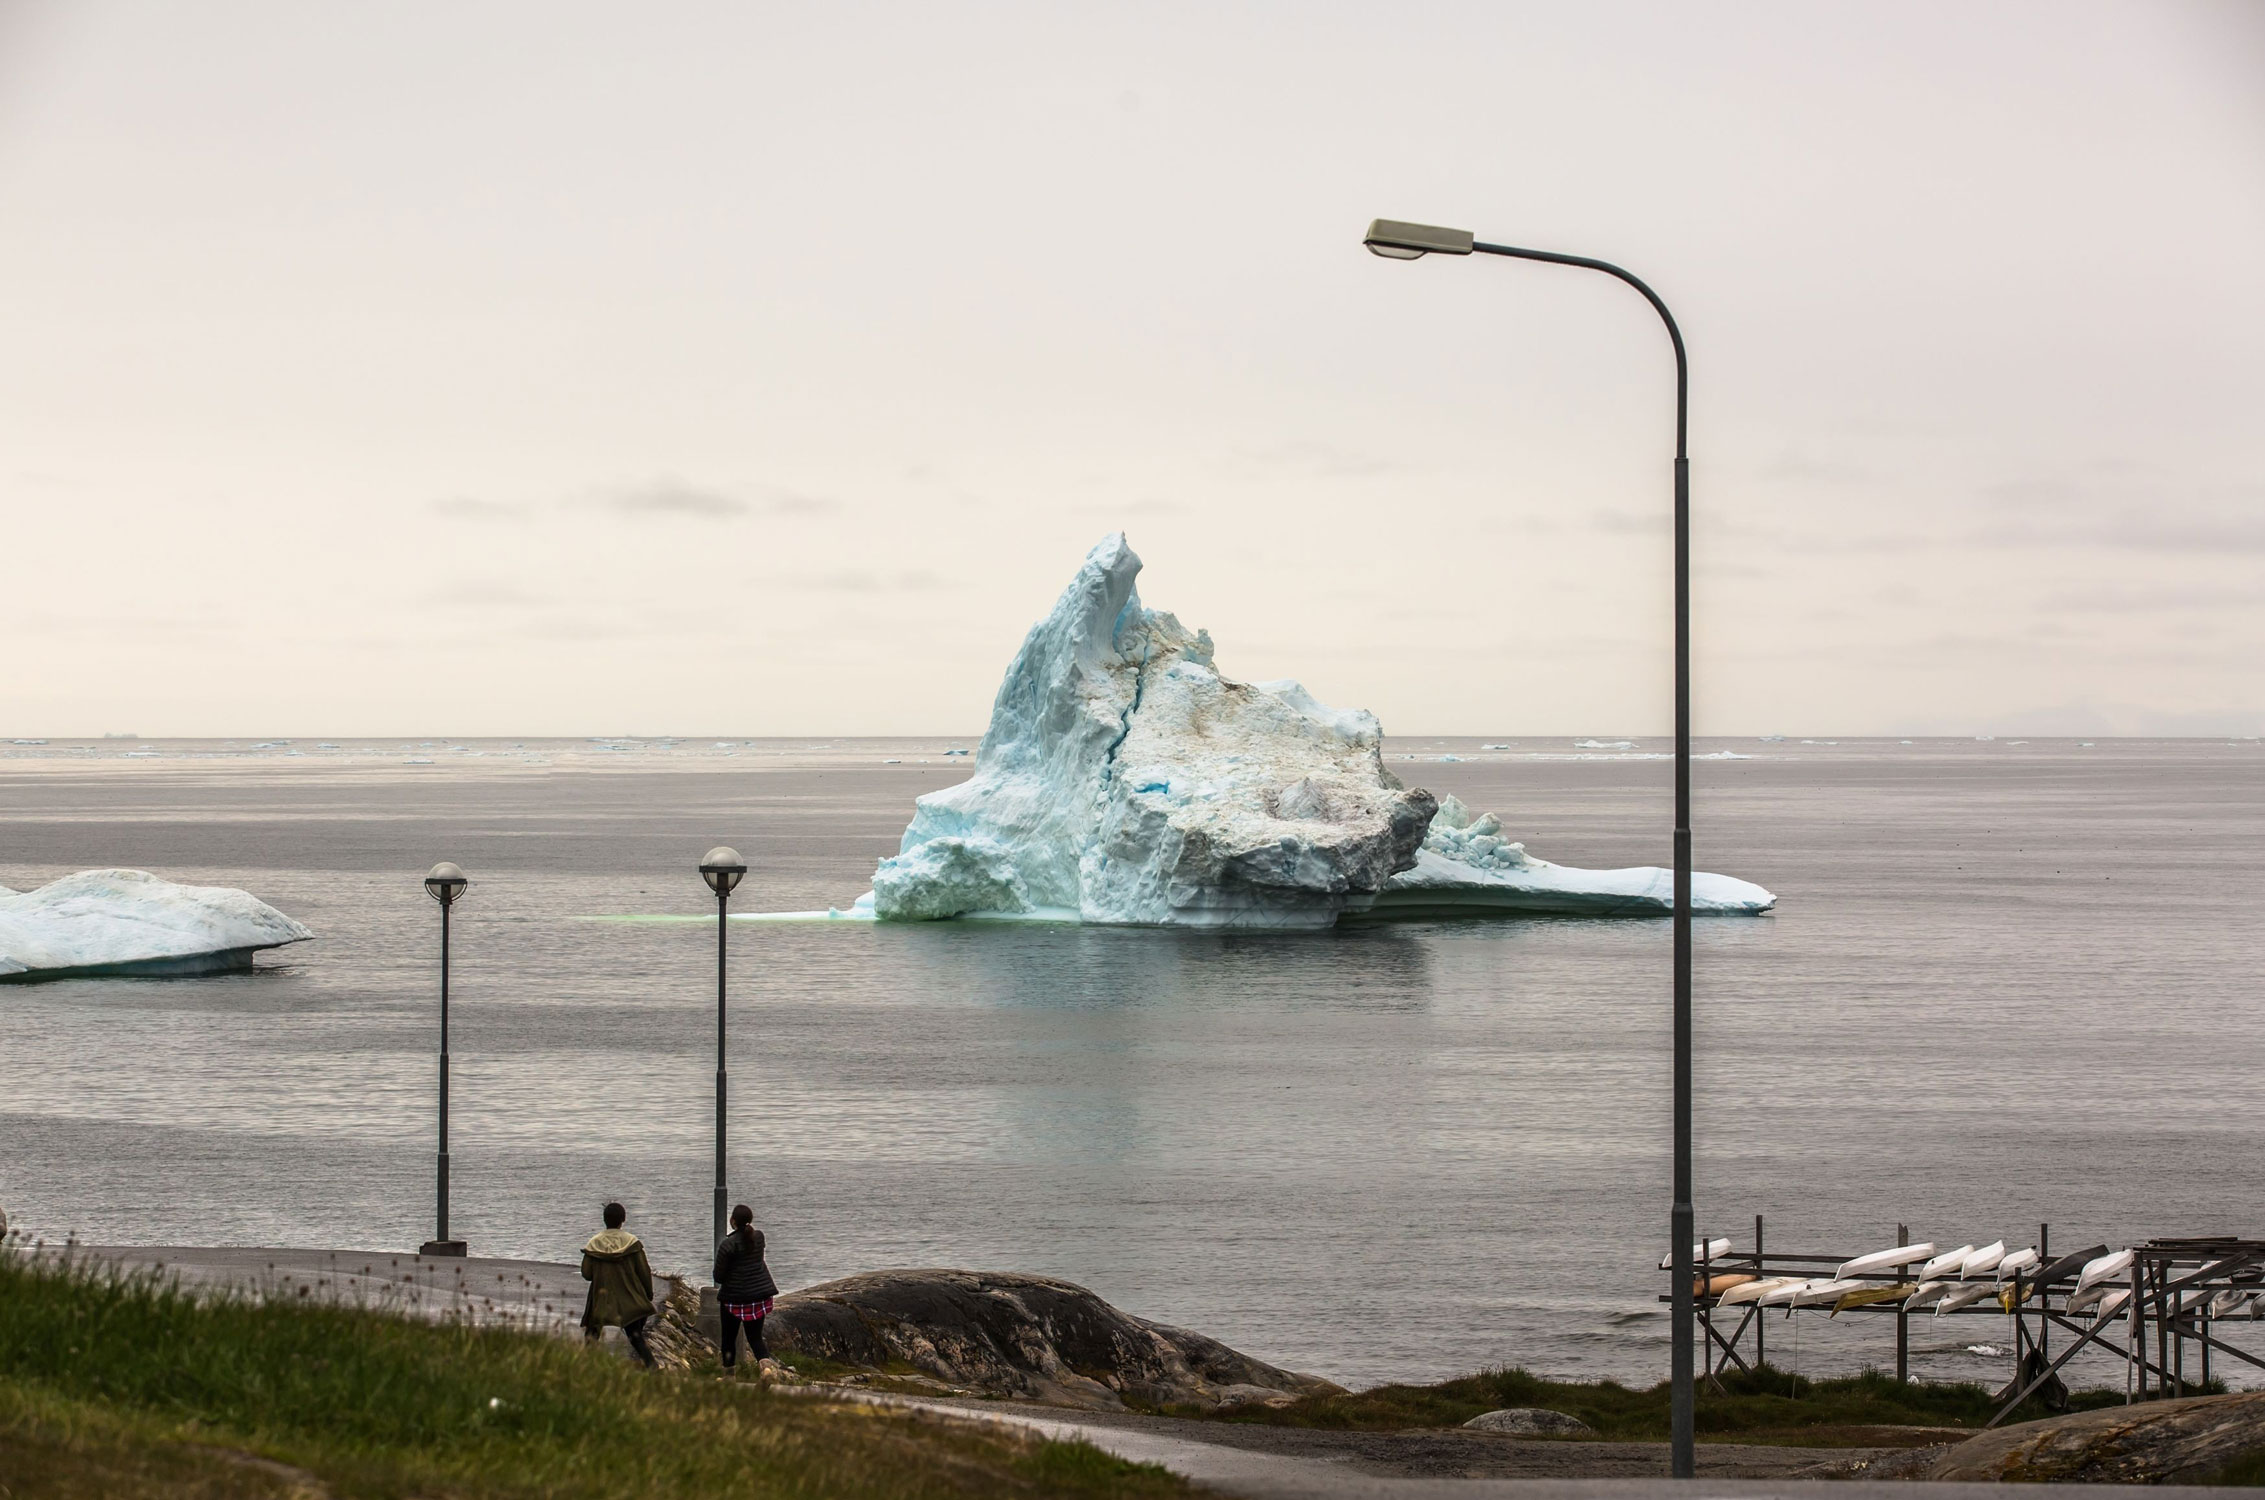 Тающий асберг впорту города Илулиссат назападном побережье Гренландии